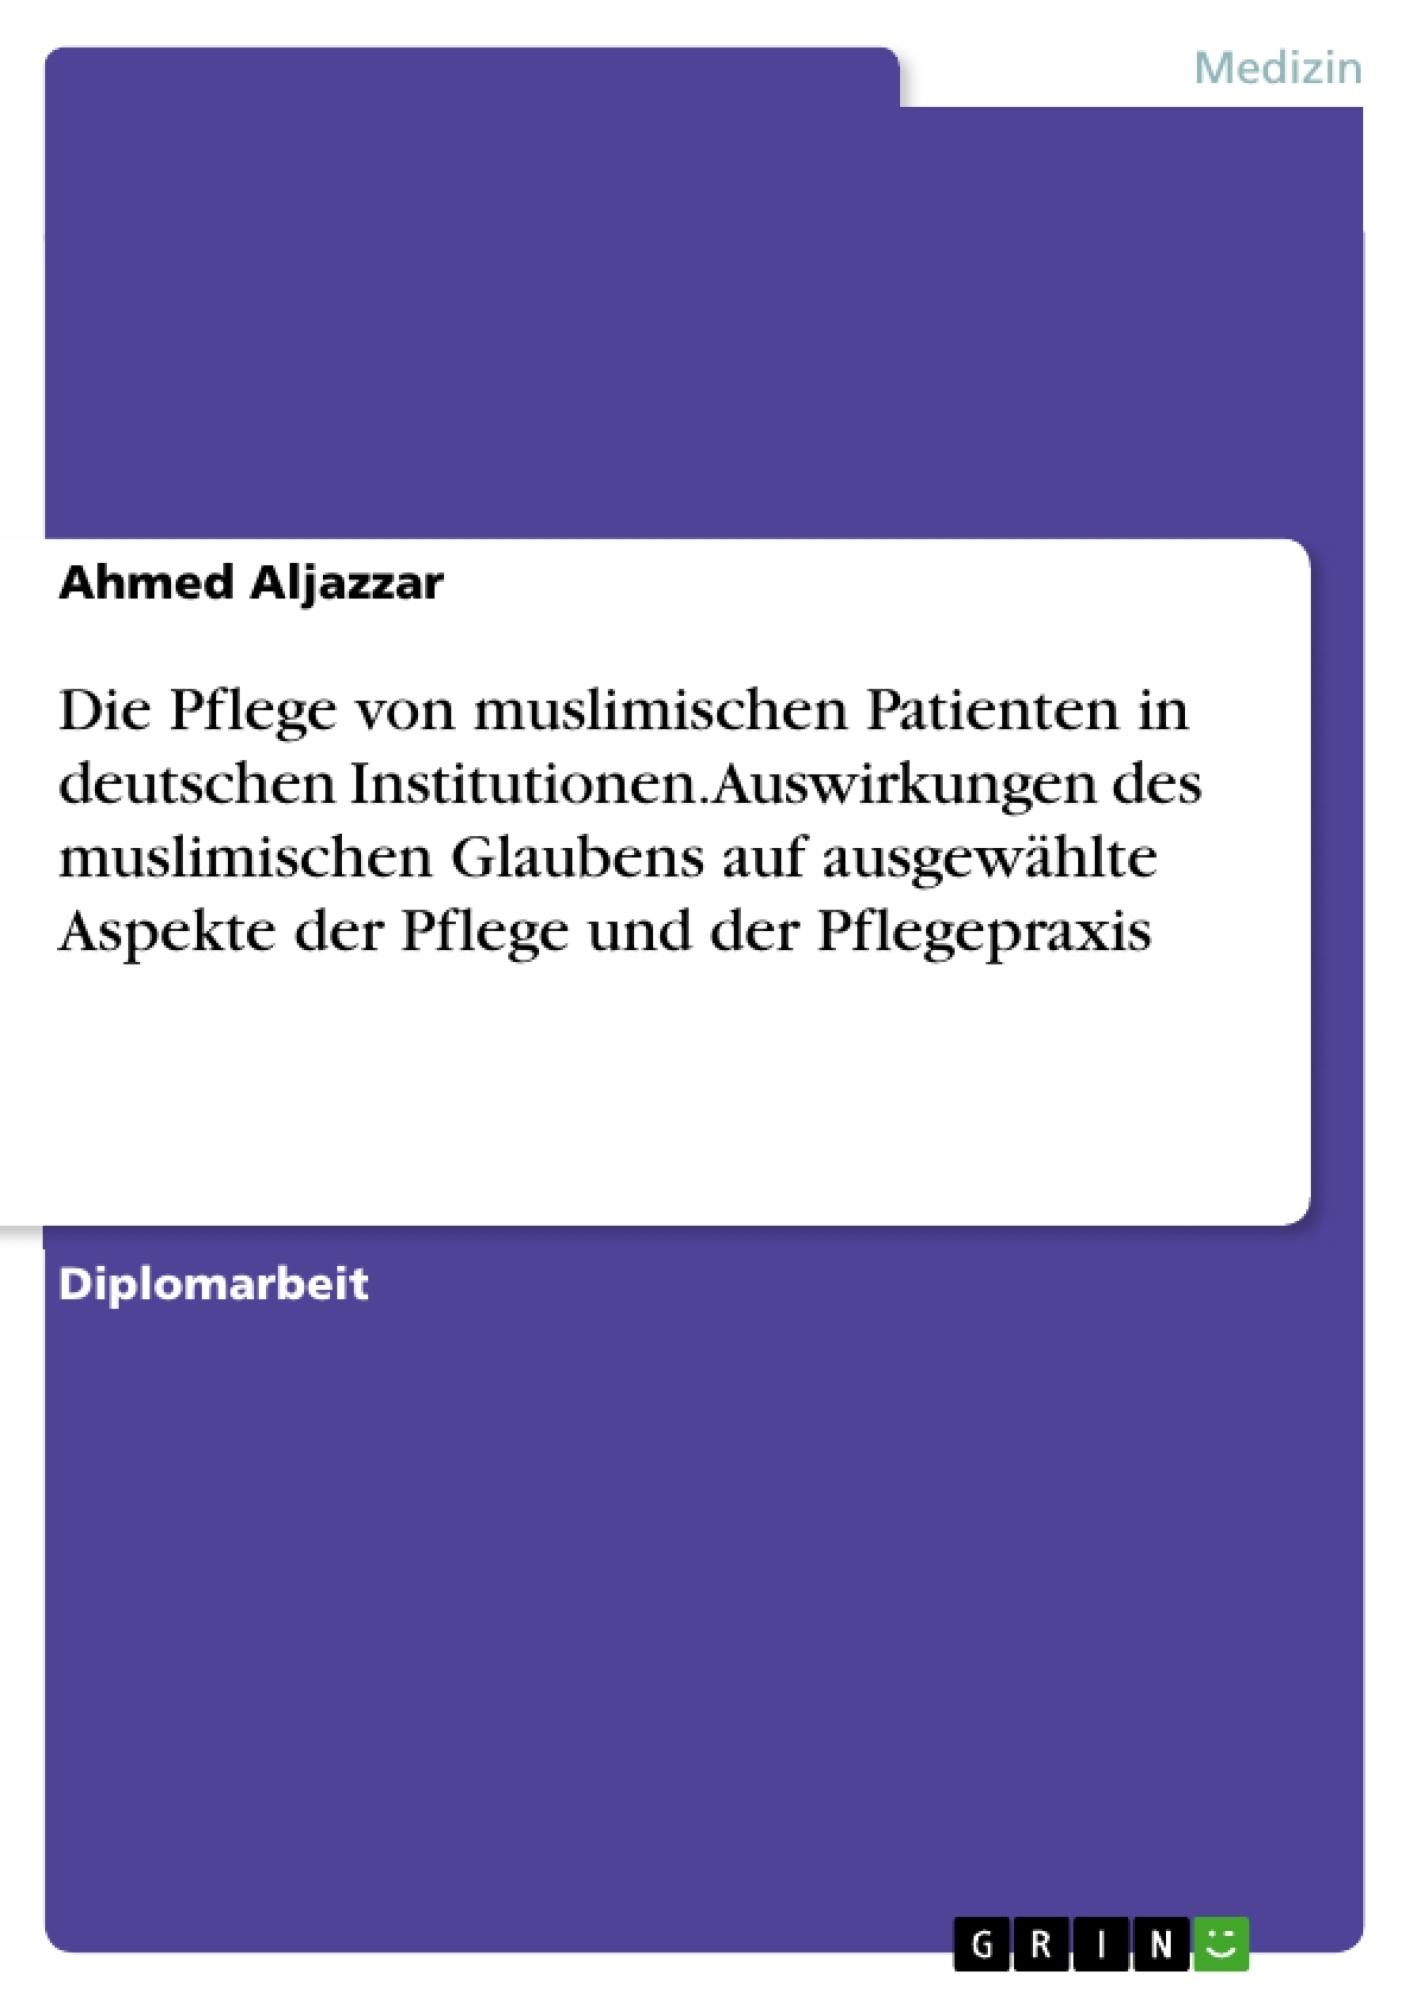 Titel: Die Pflege von muslimischen Patienten in deutschen Institutionen. Auswirkungen des muslimischen Glaubens auf ausgewählte Aspekte der Pflege und der Pflegepraxis